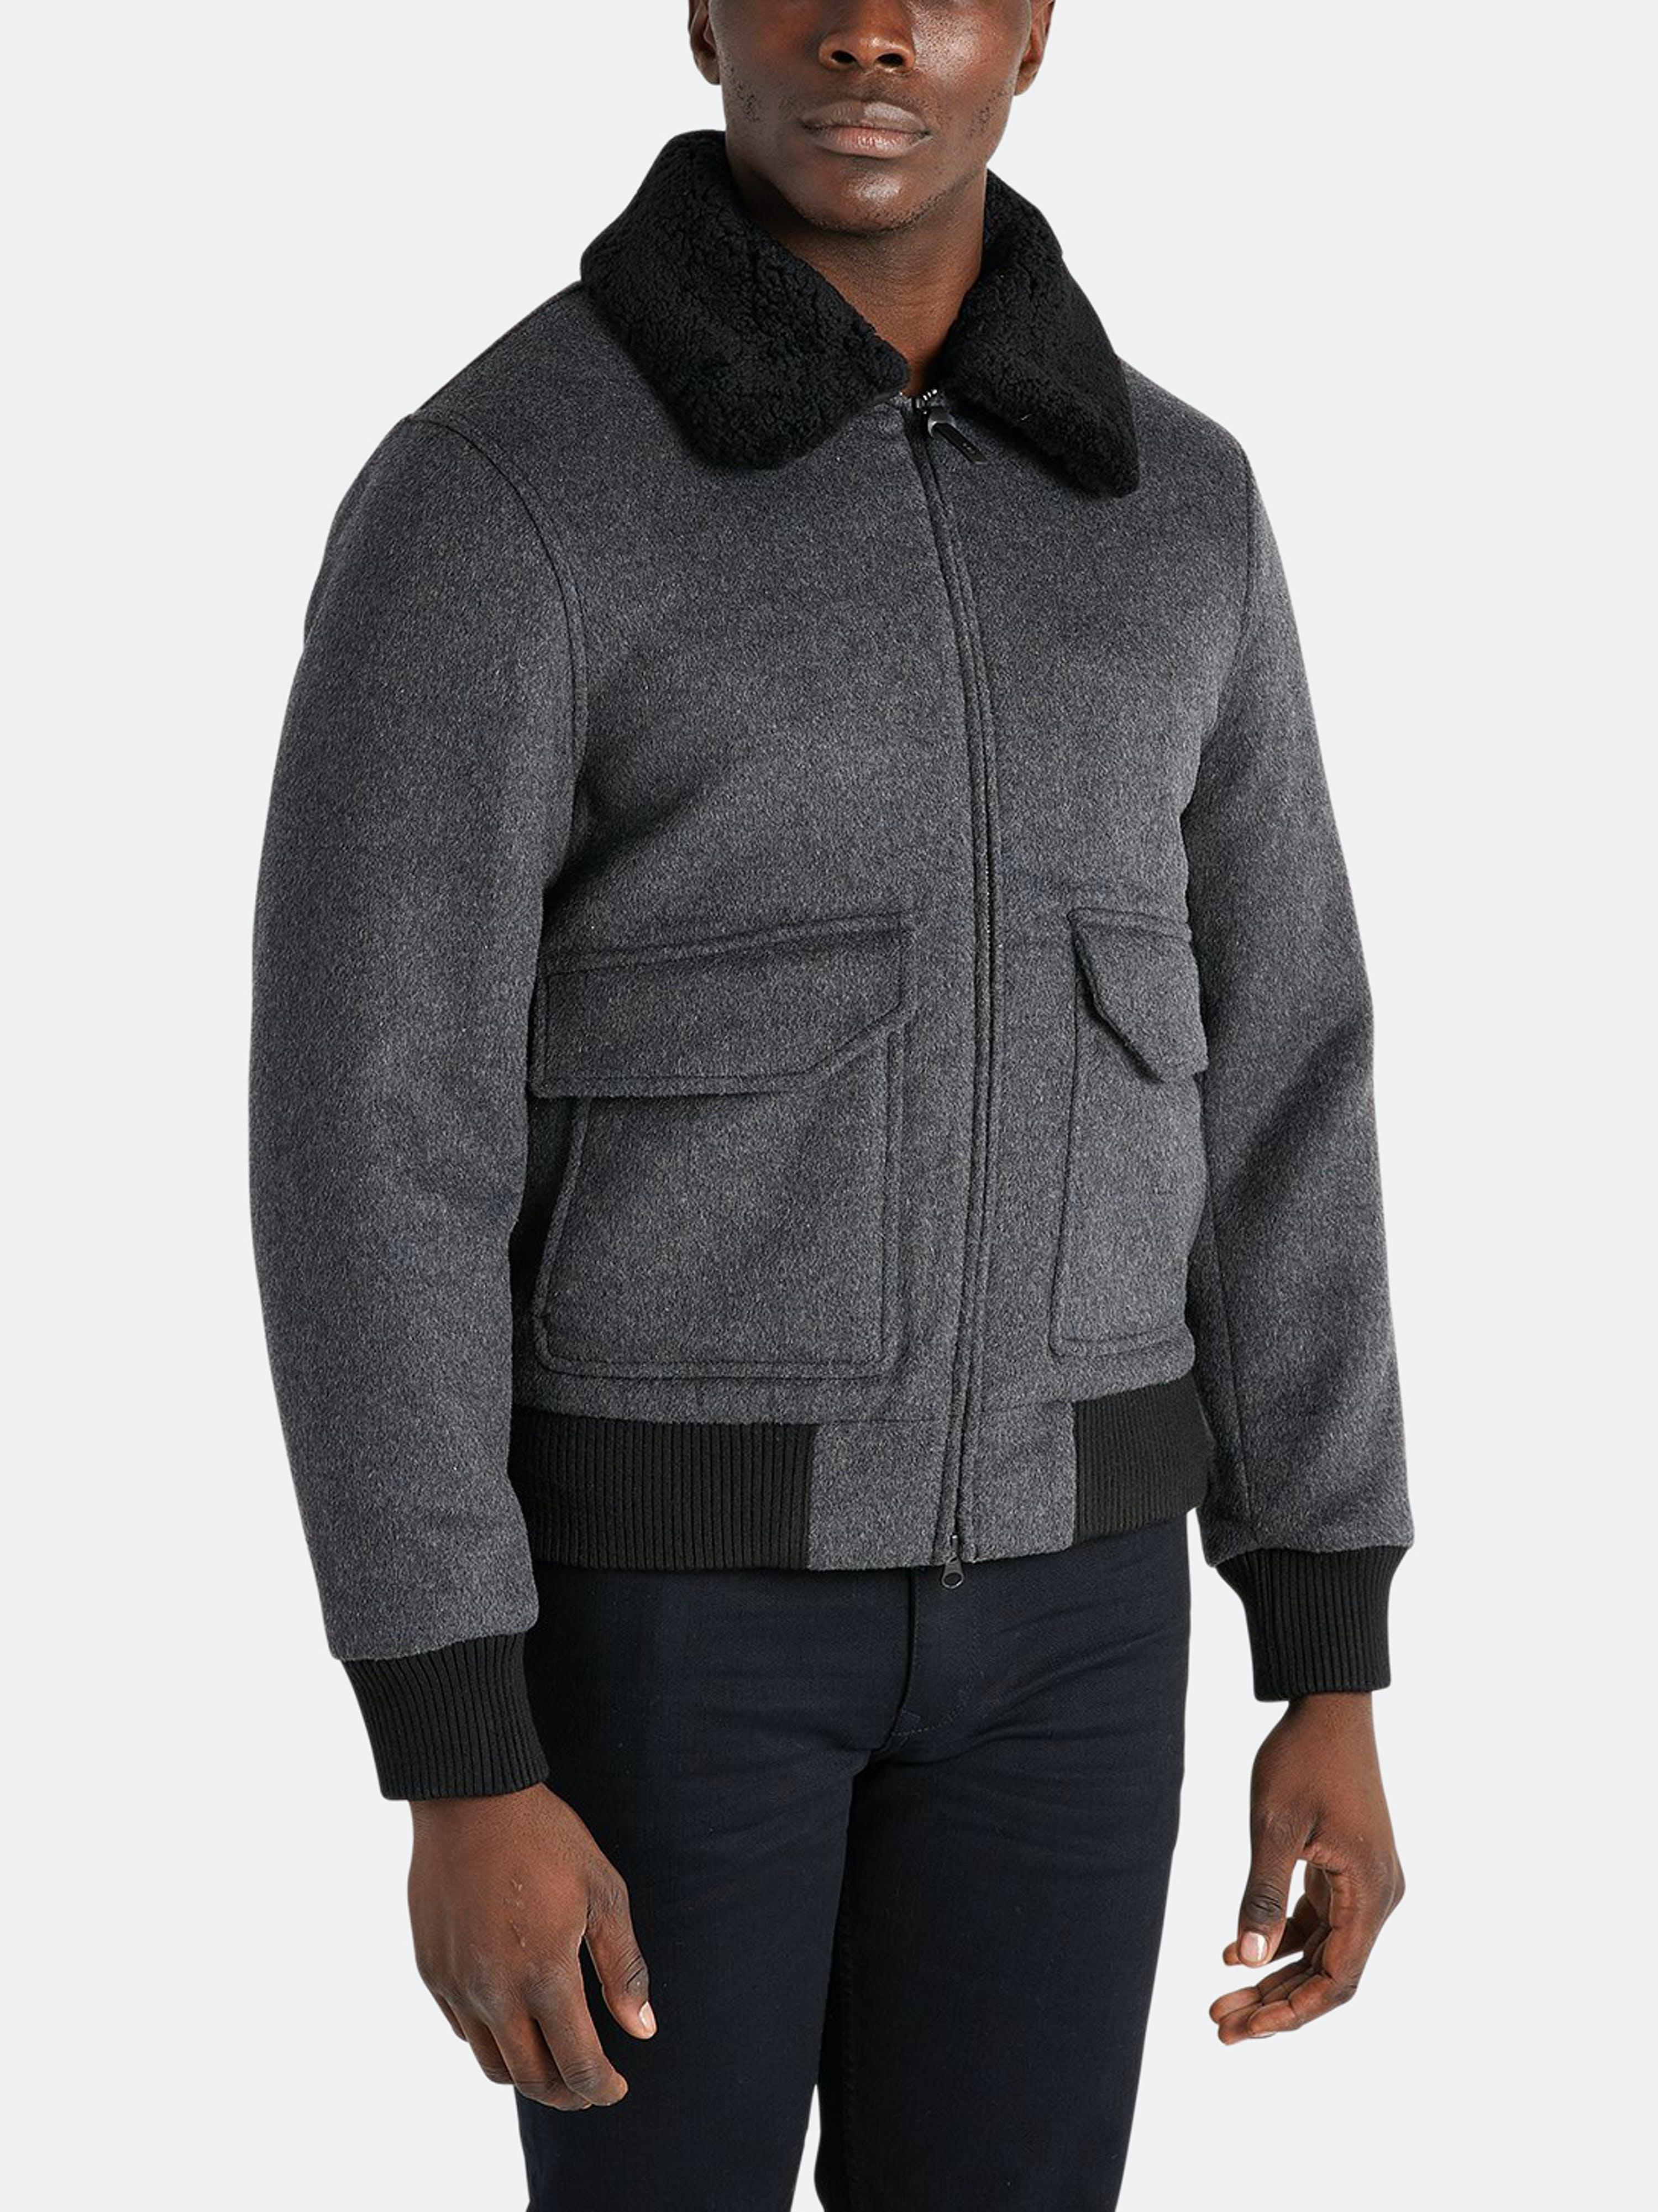 ONS Clothing Ilford Shearling Jacket  - Grey